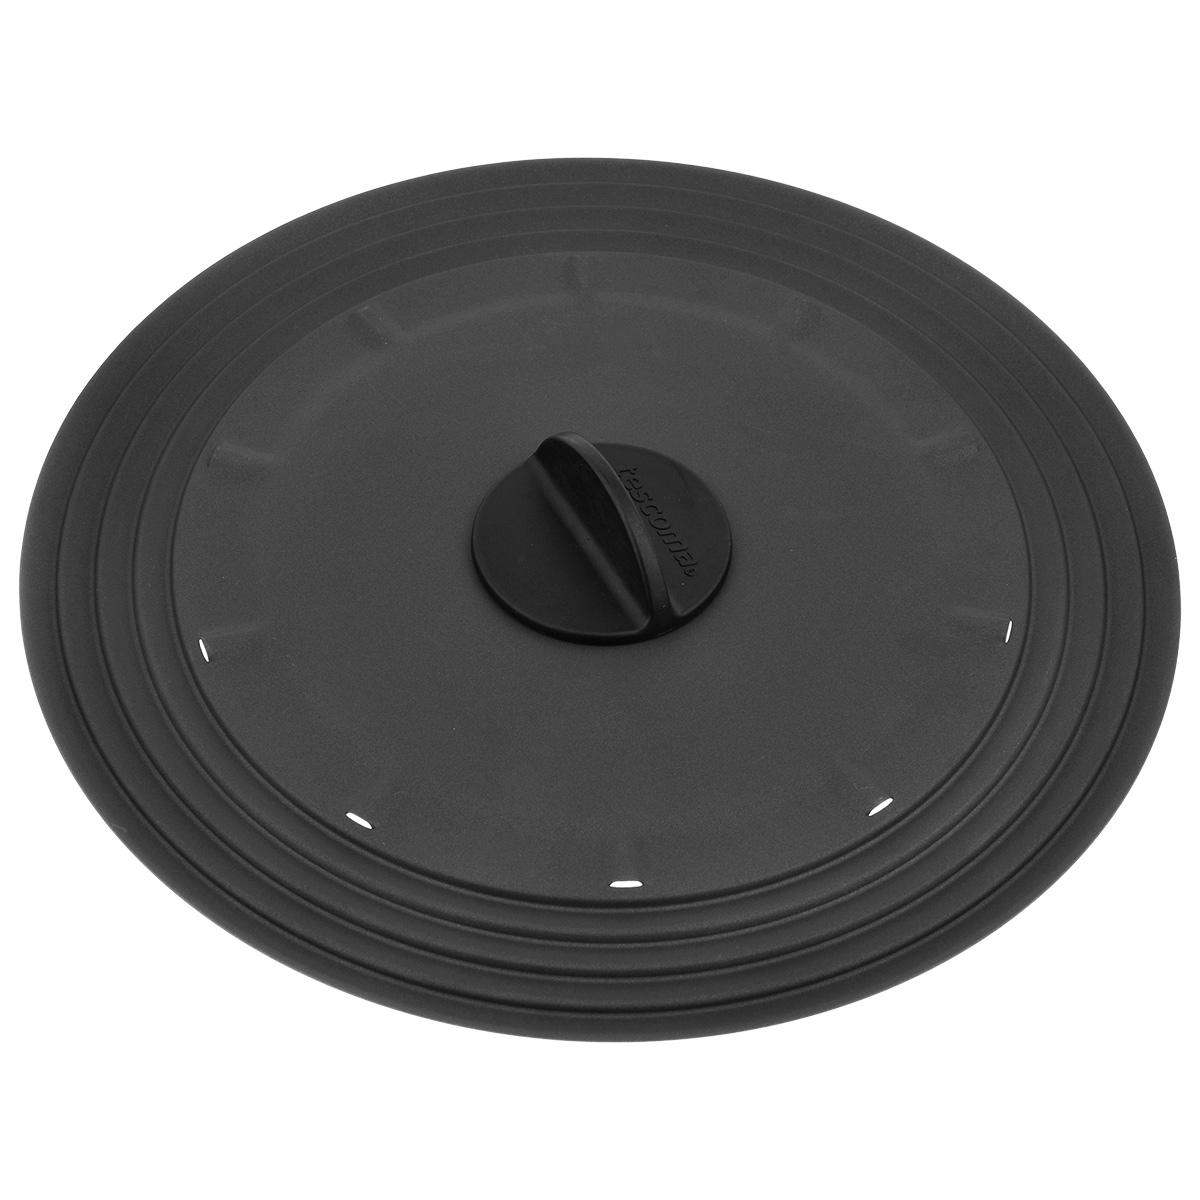 """Крышка универсальная Tescoma """"Presto"""", для сковородок диаметром 26-30 см"""